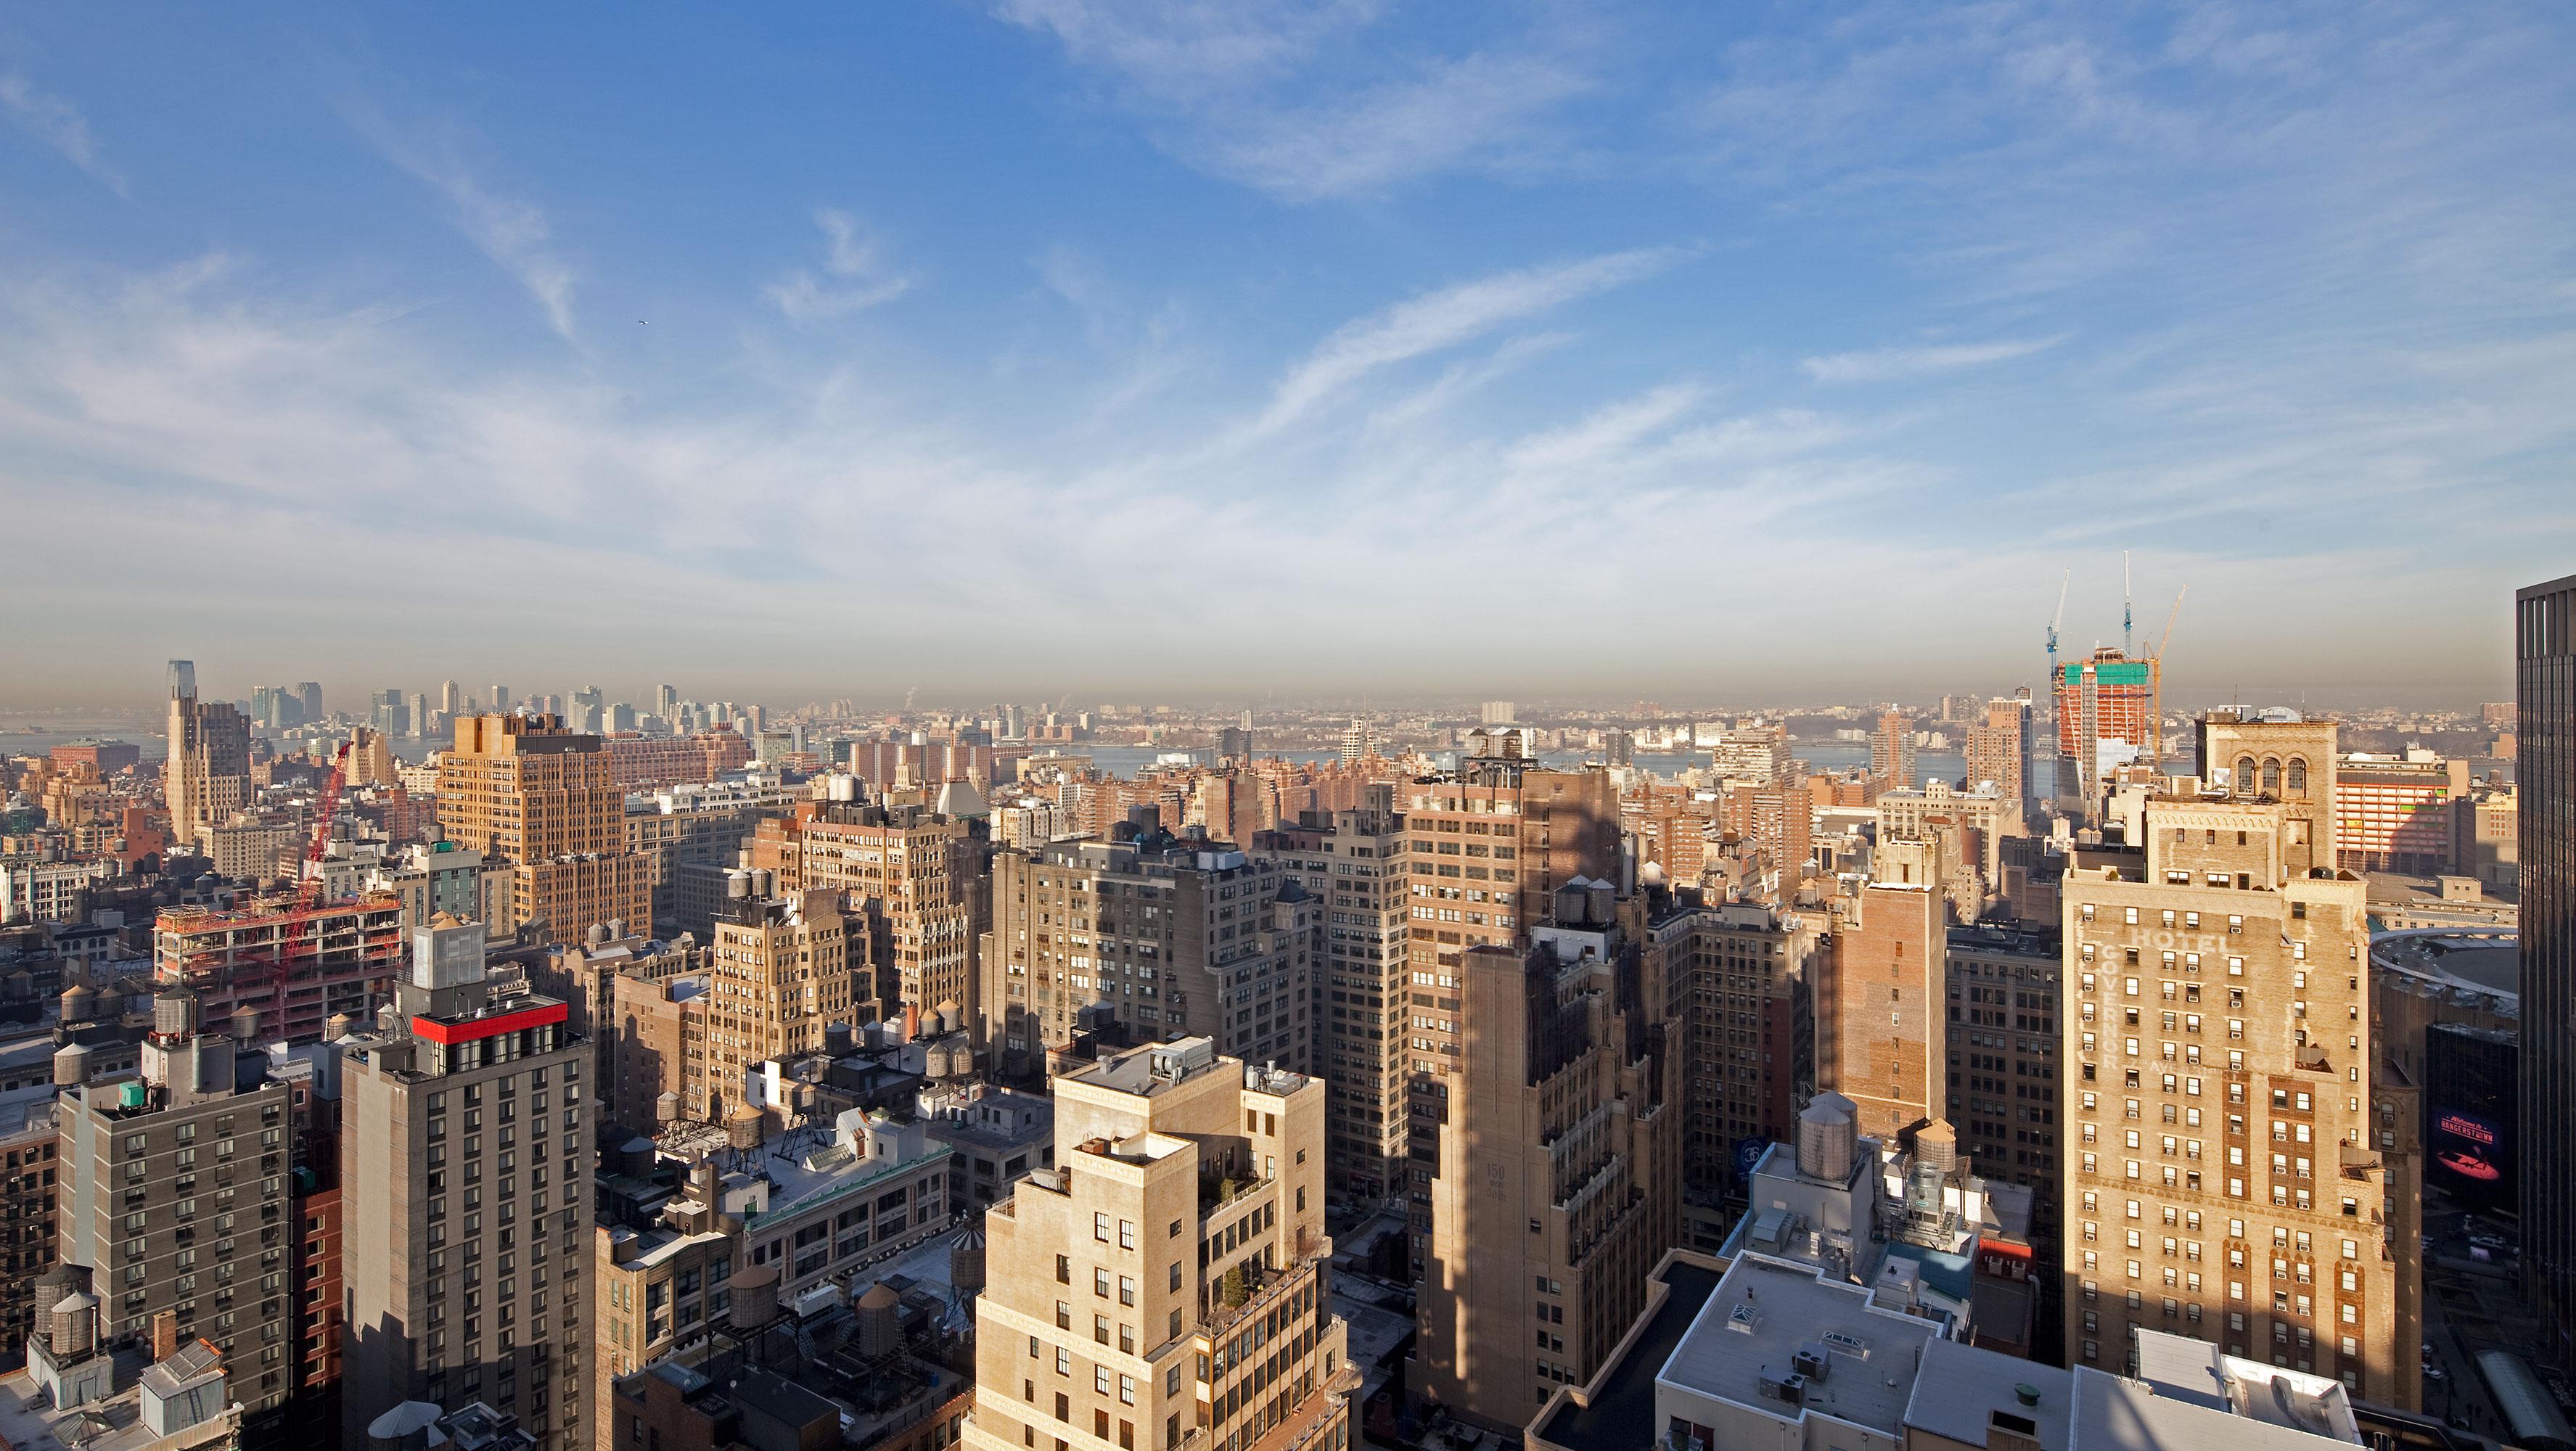 35th Floor west